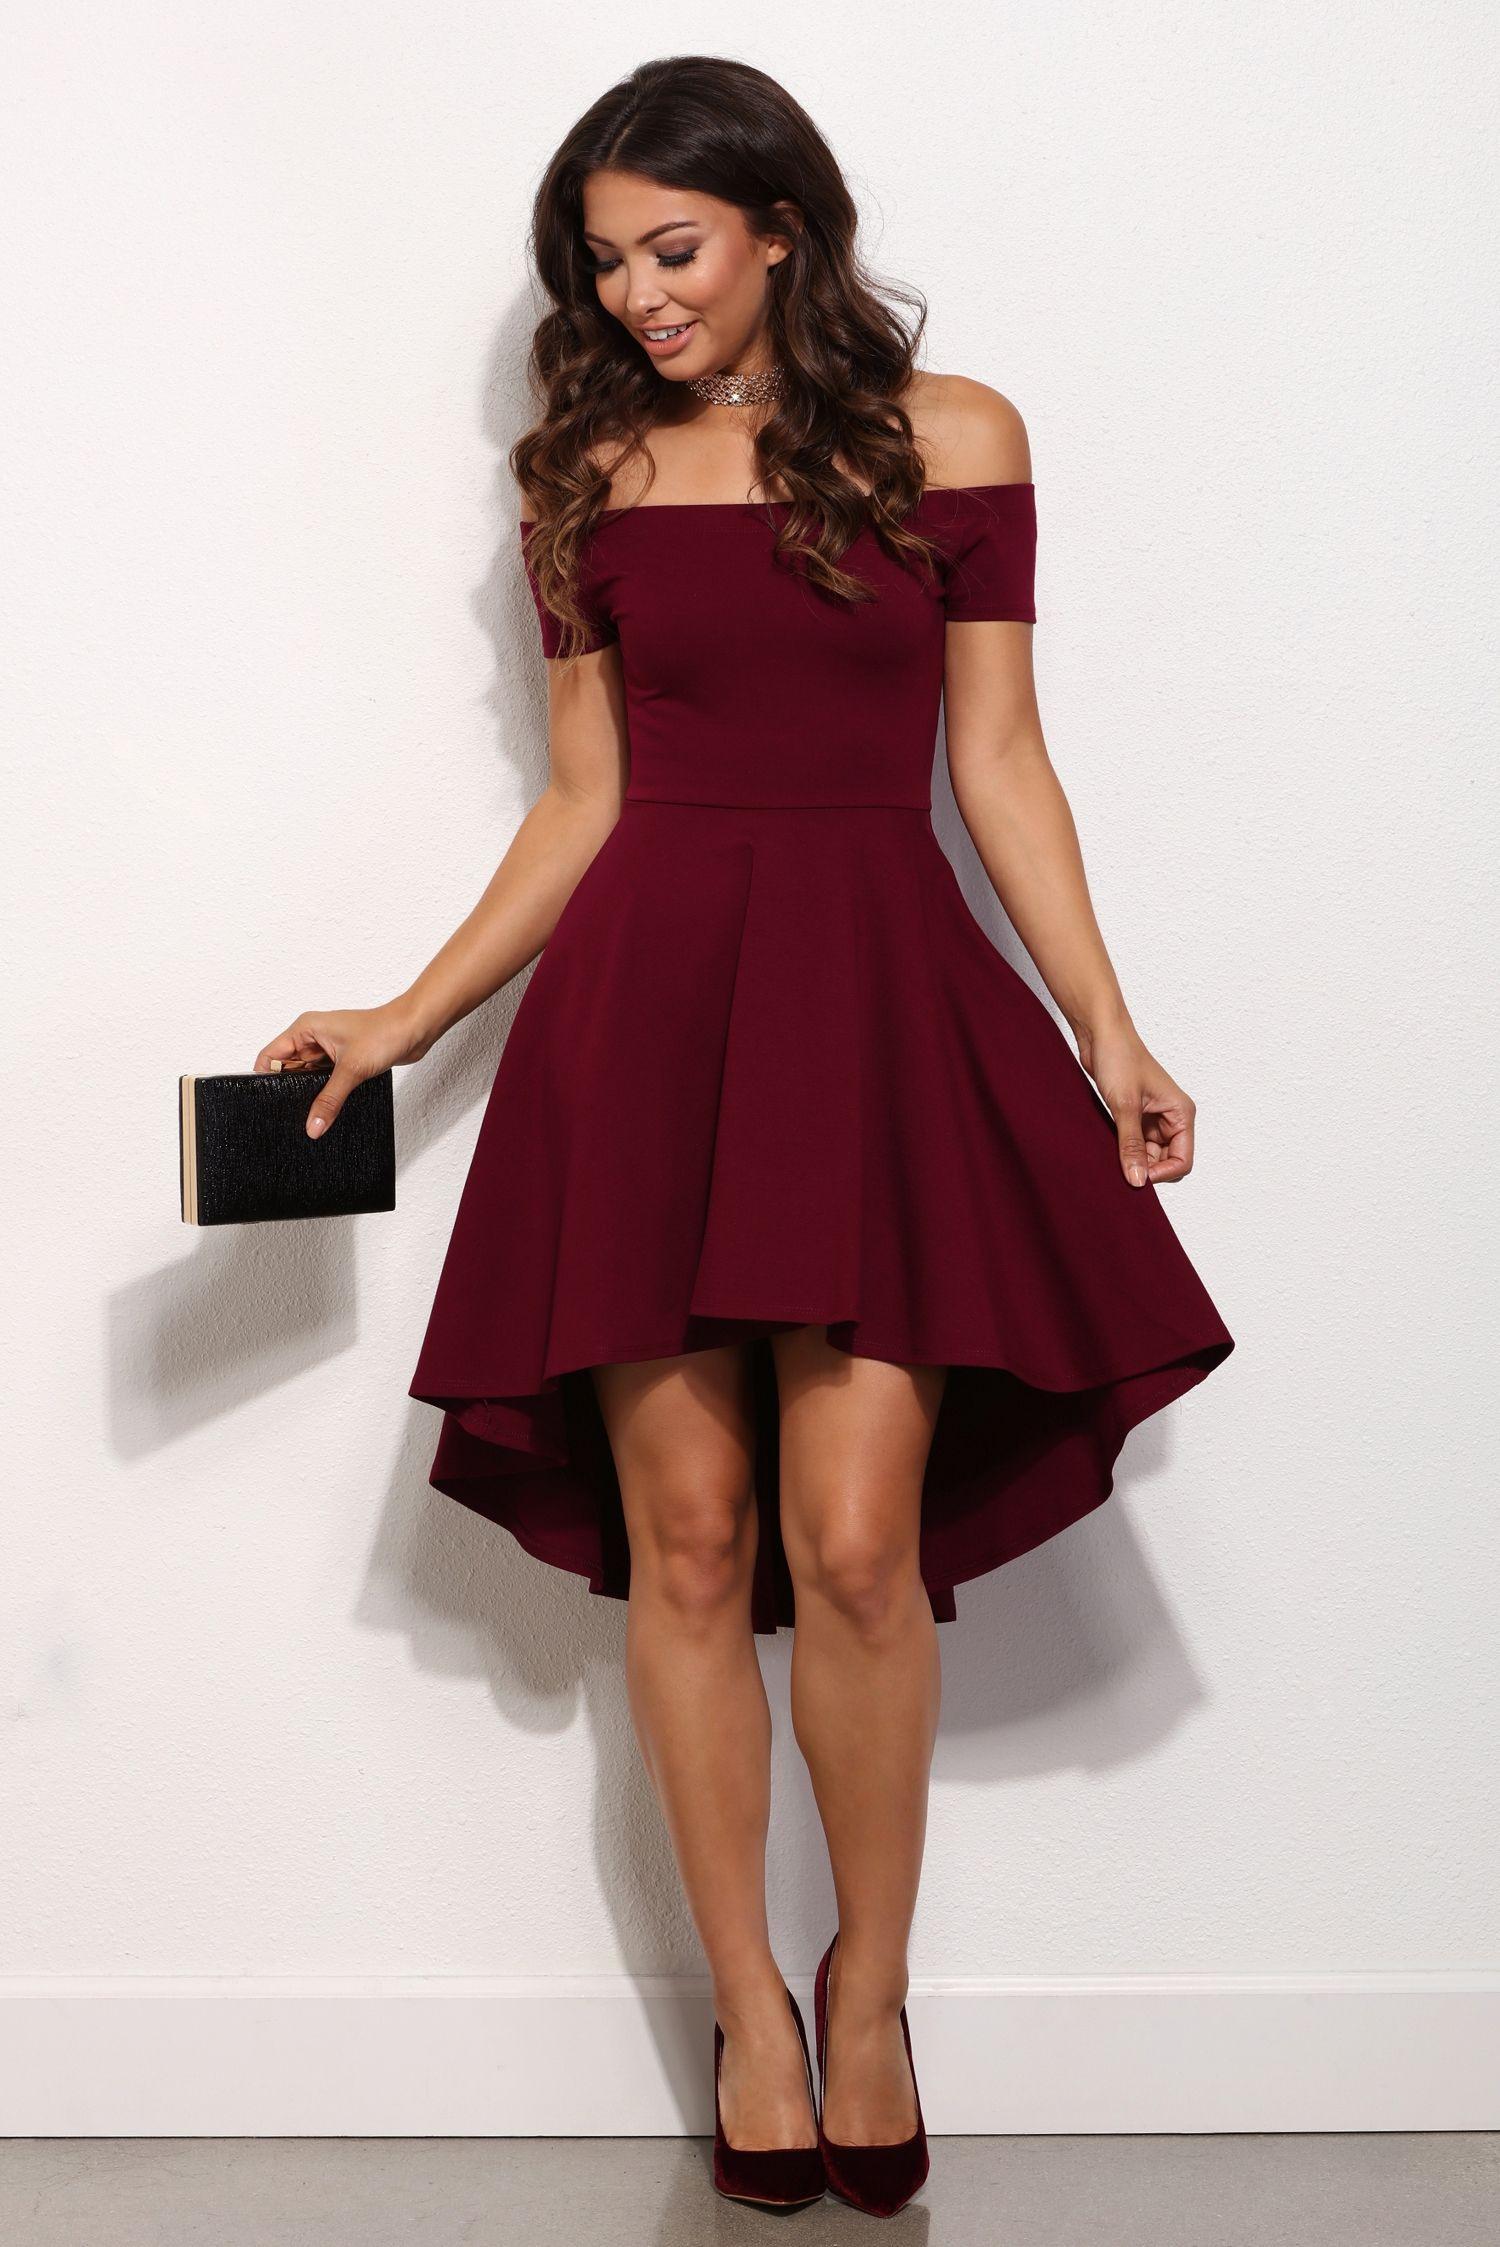 Perfekt Schöne Herbstkleider Ärmel20 Perfekt Schöne Herbstkleider Boutique